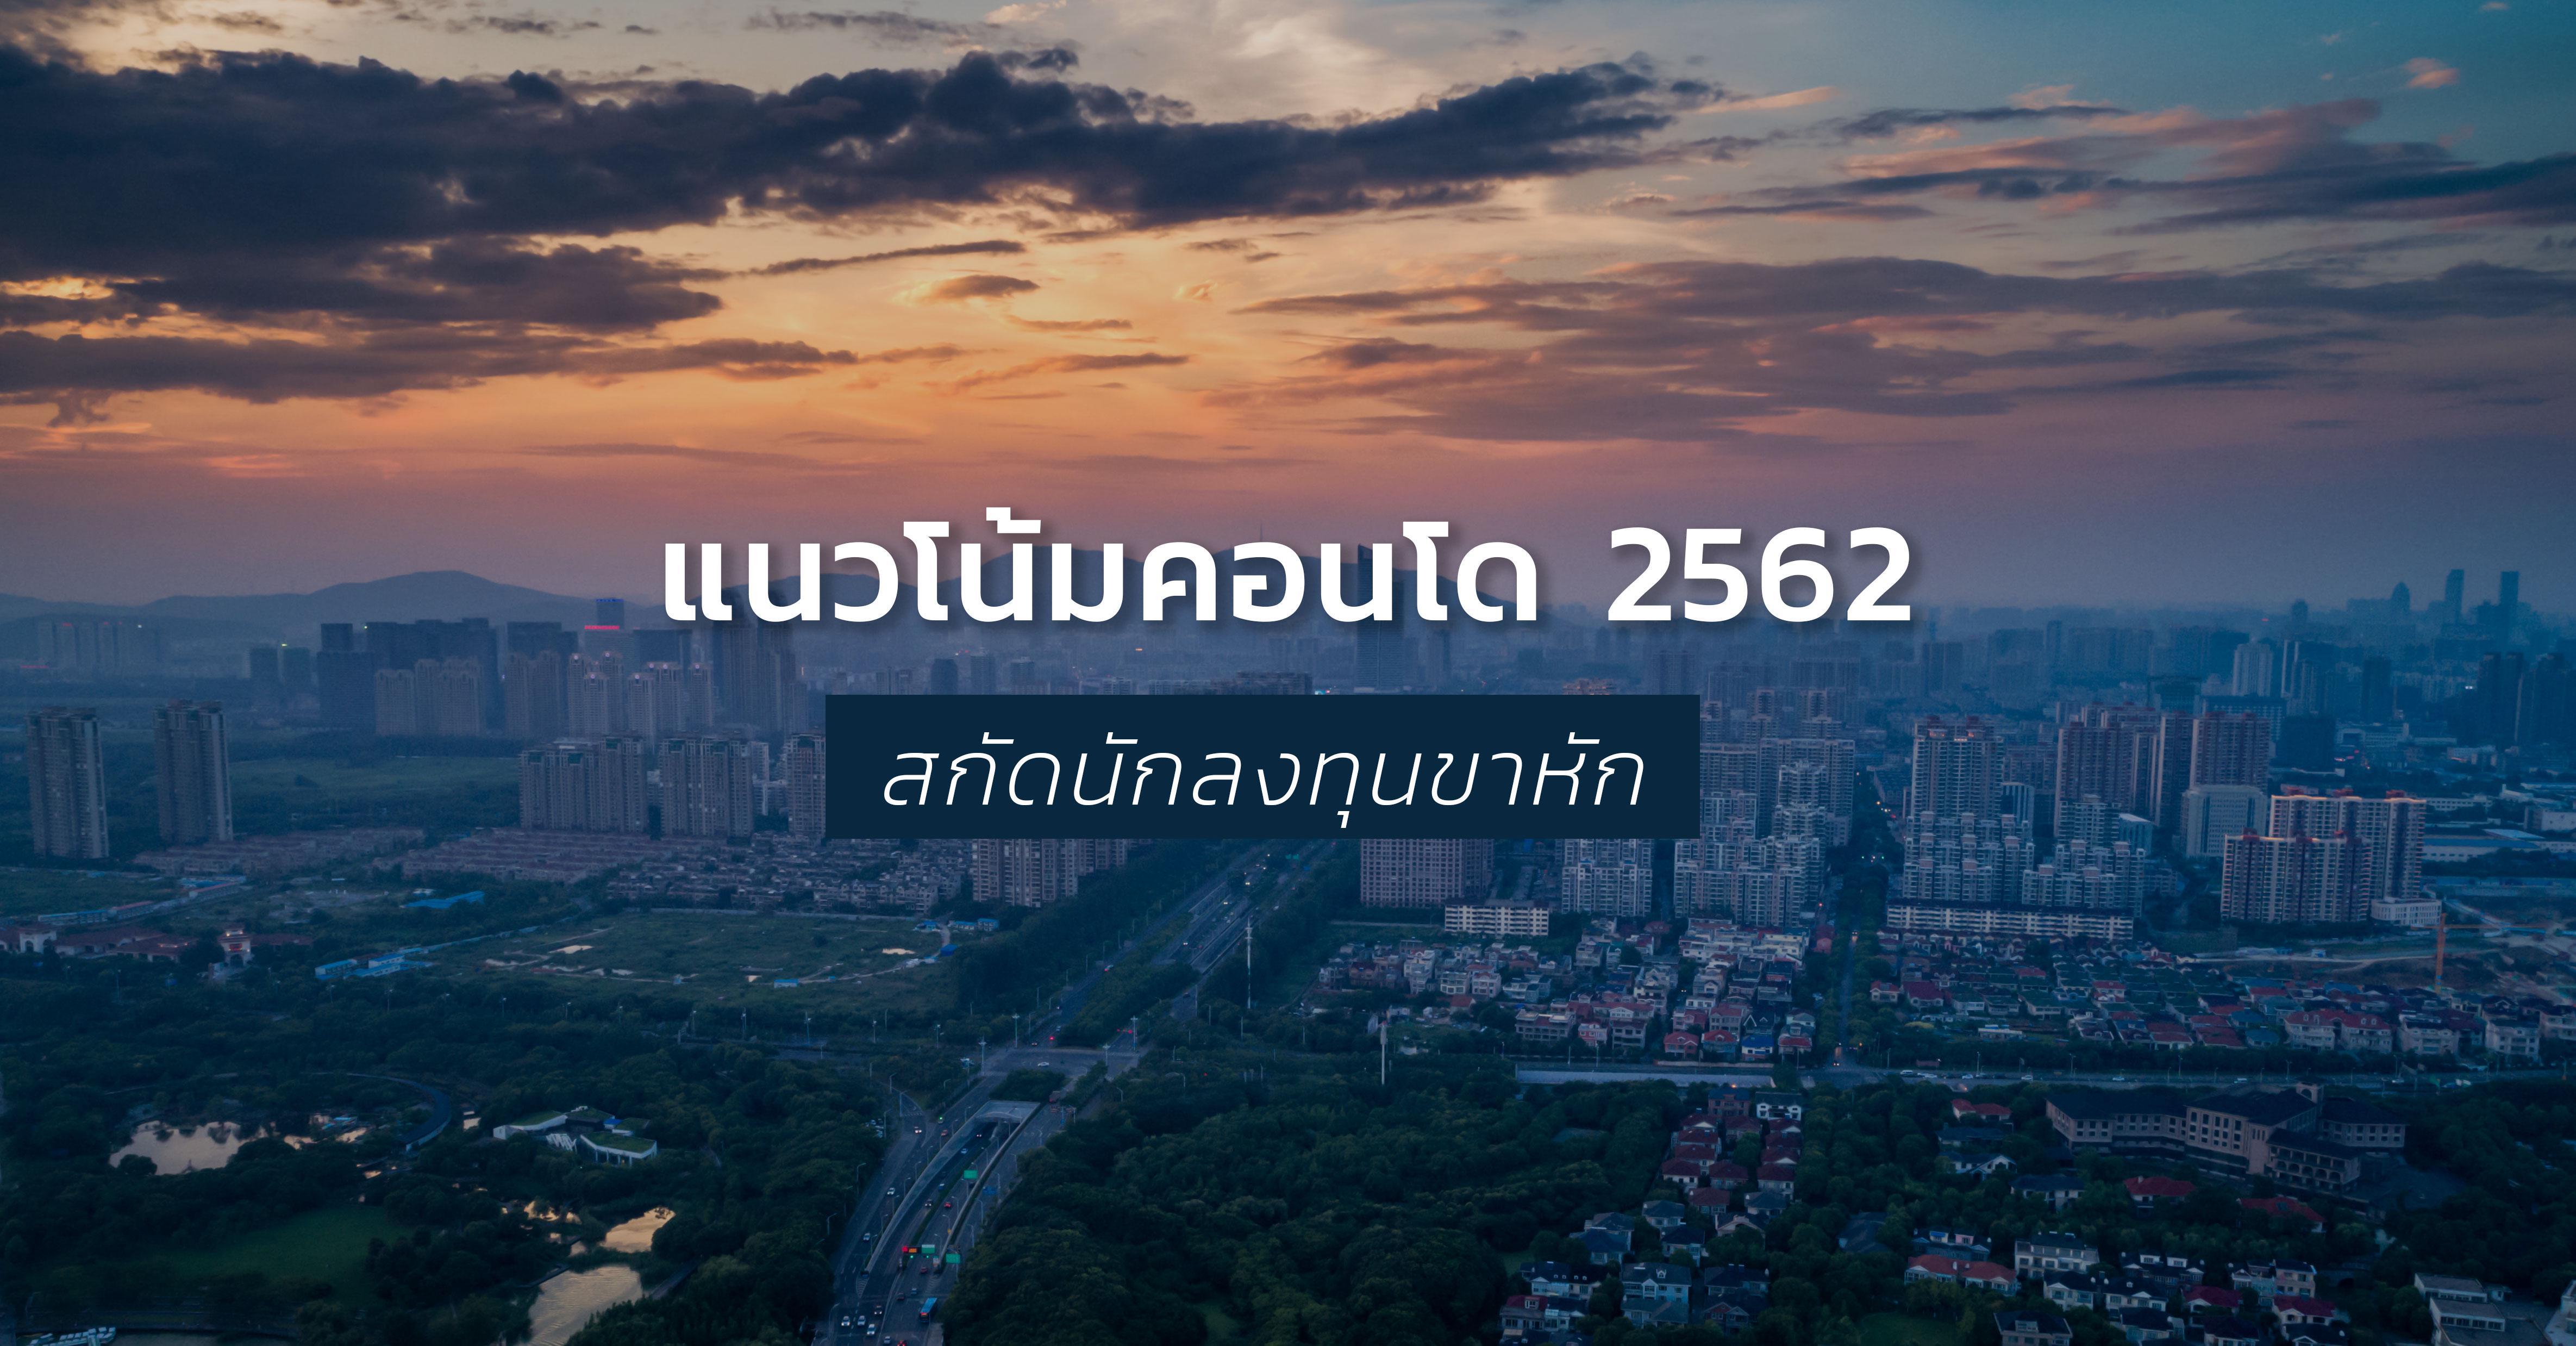 รูปบทความ รวม 5 แนวโน้มที่ทำให้ 2562 เป็นปีซวยนักลงทุนคอนโด